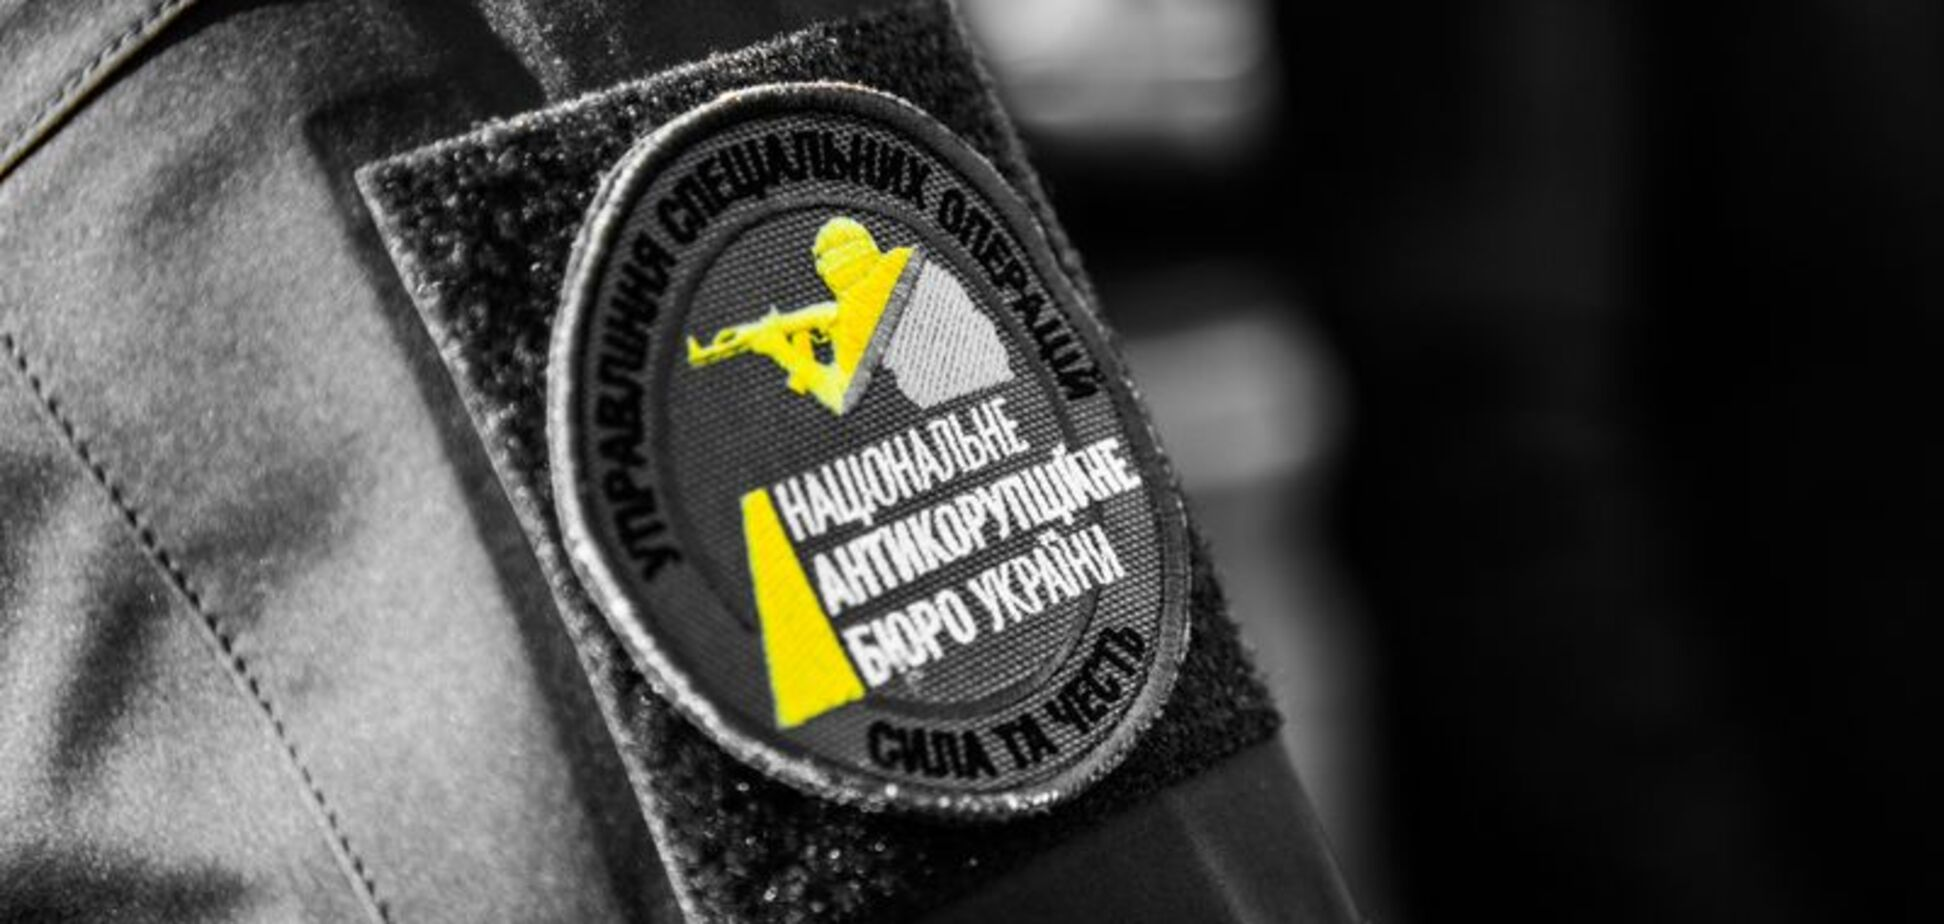 'Противоречит здравому смыслу': НАБУ ответило на обвинения Луценко